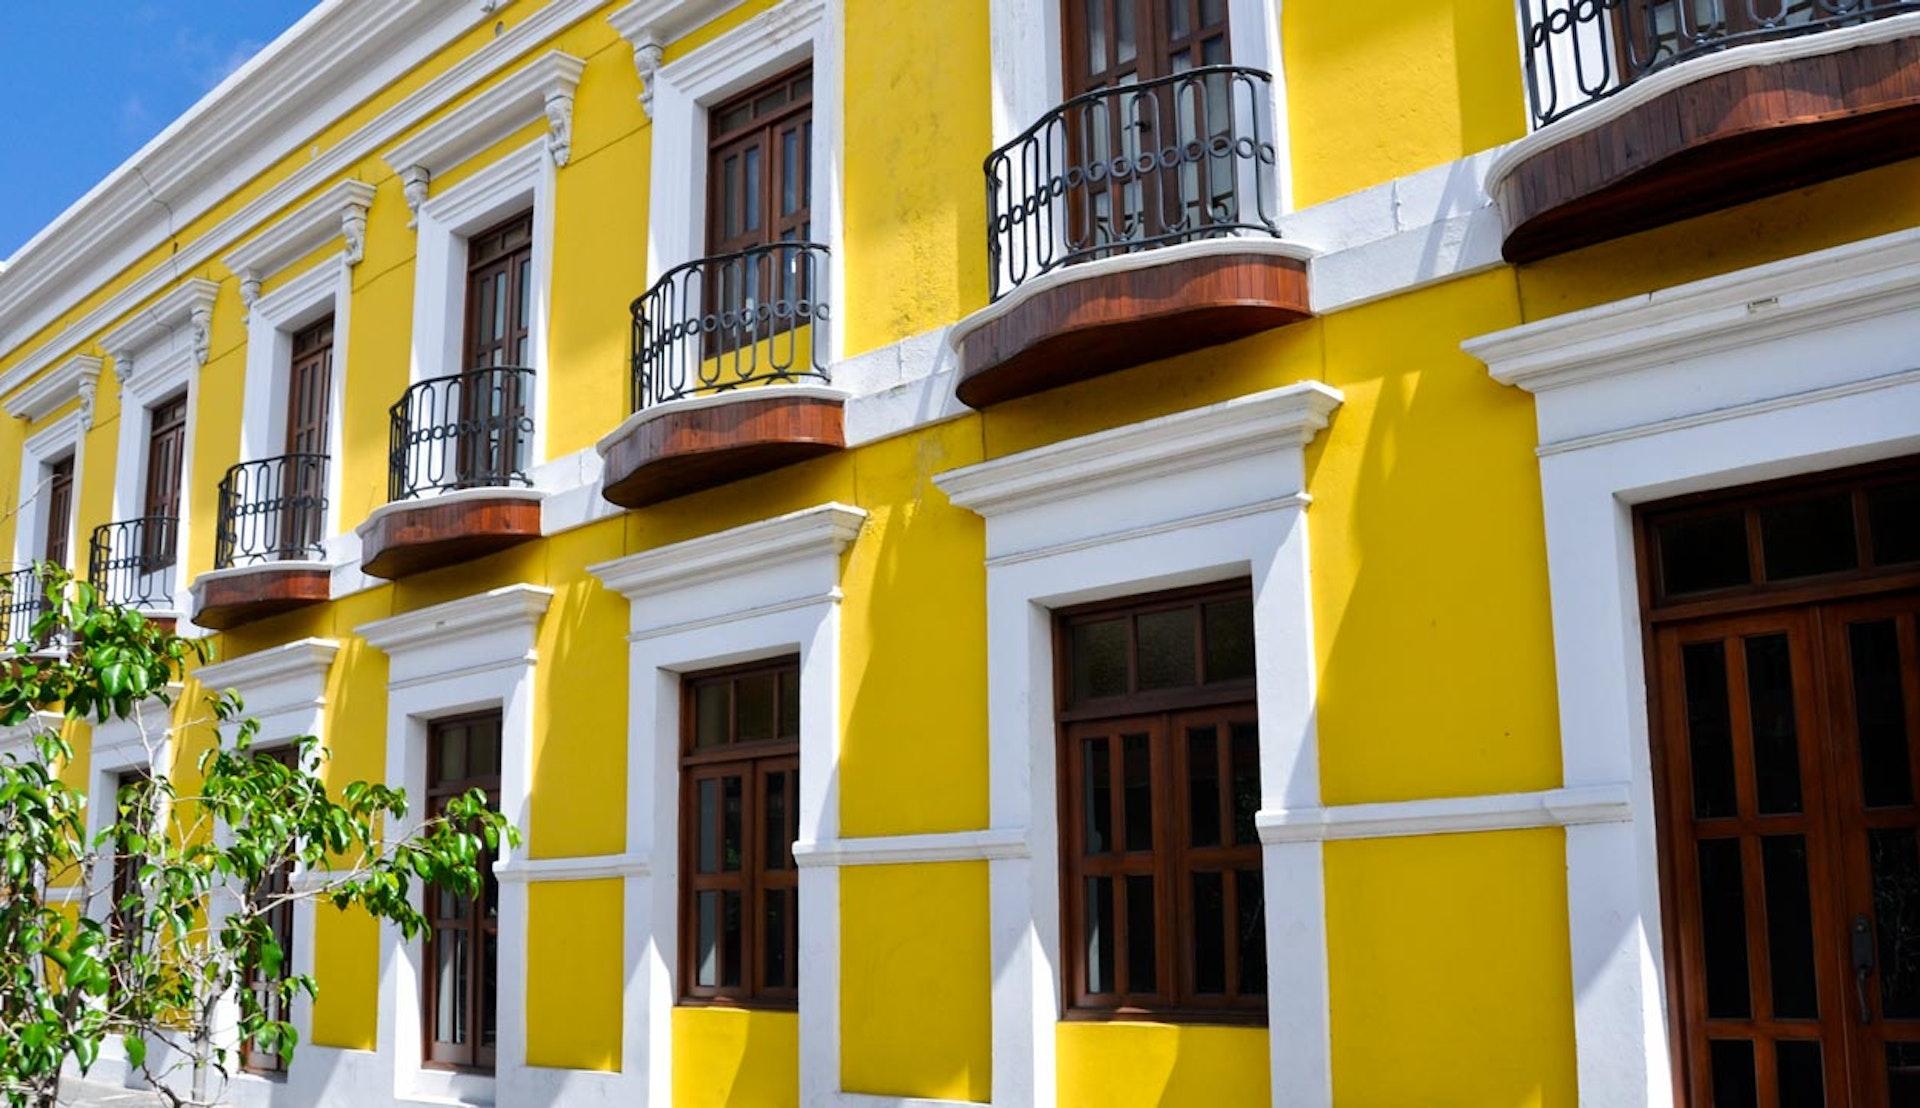 Intensivt gult hus i San Juan i Puerto Rico.